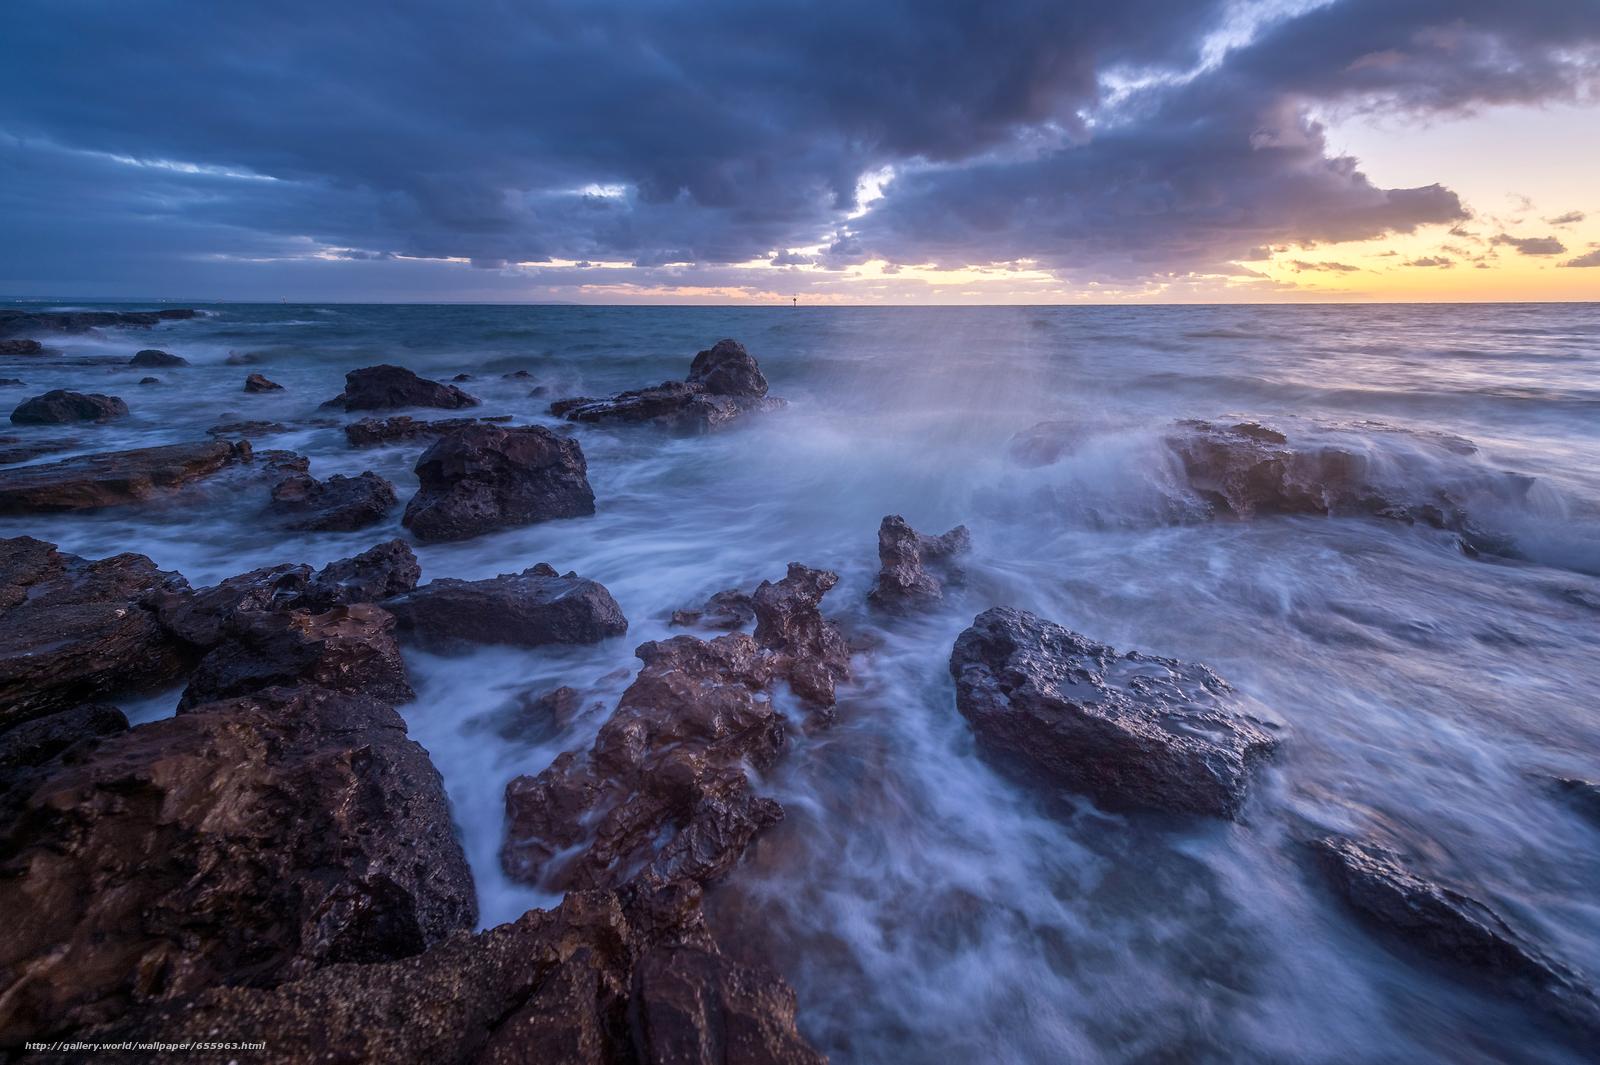 下载壁纸 日落,  海,  波浪,  景观 免费为您的桌面分辨率的壁纸 4928x3280 — 图片 №655963